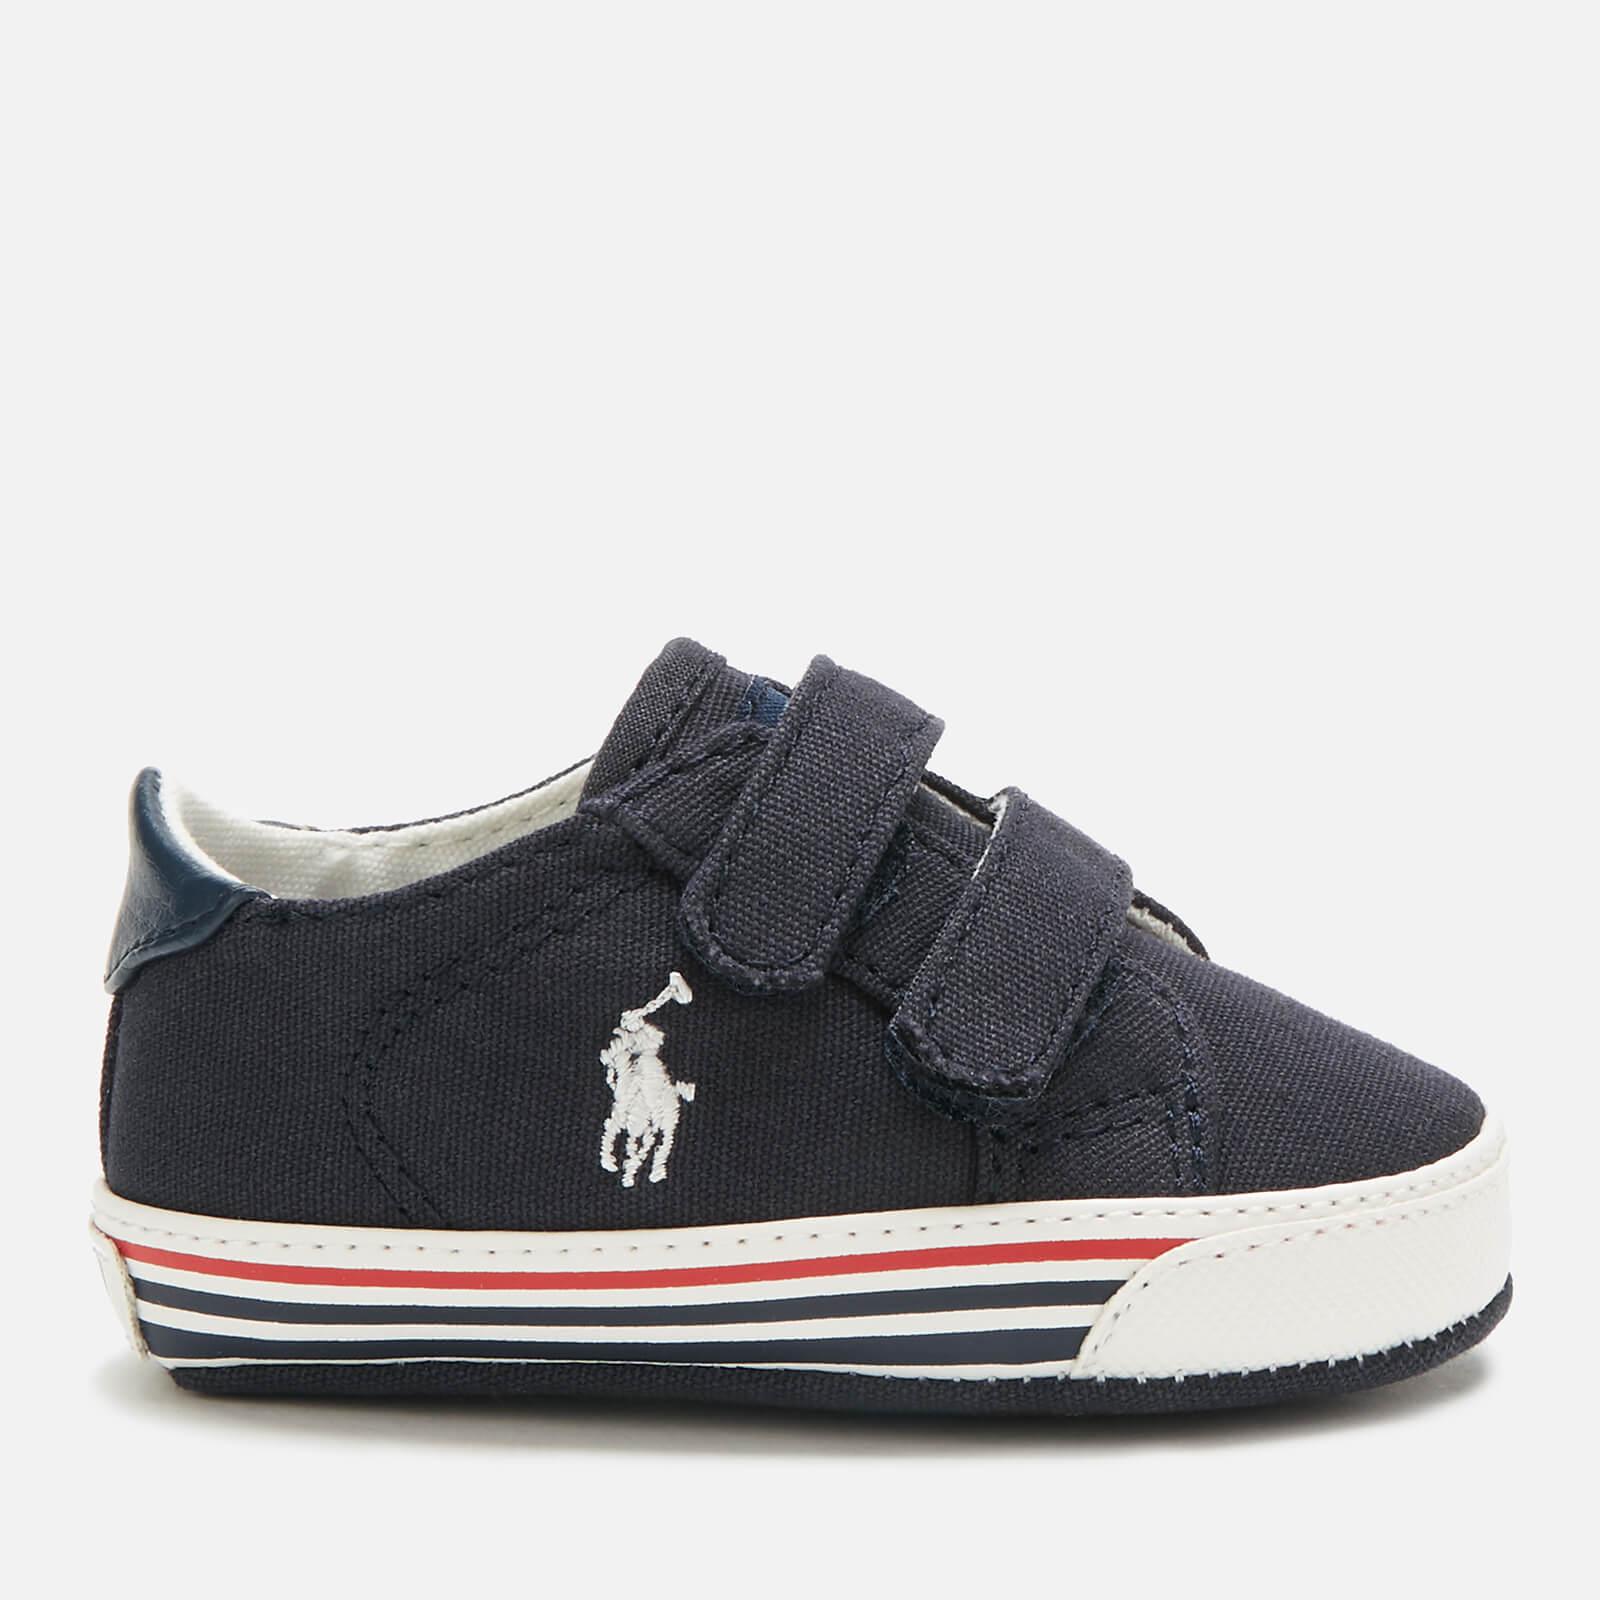 Ralph Lauren Polo Ralph Lauren Babies' Edgewood Ez Canvas Velcro Trainers - Navy/White PP - UK 0.5 Baby/EU 16 - Blue